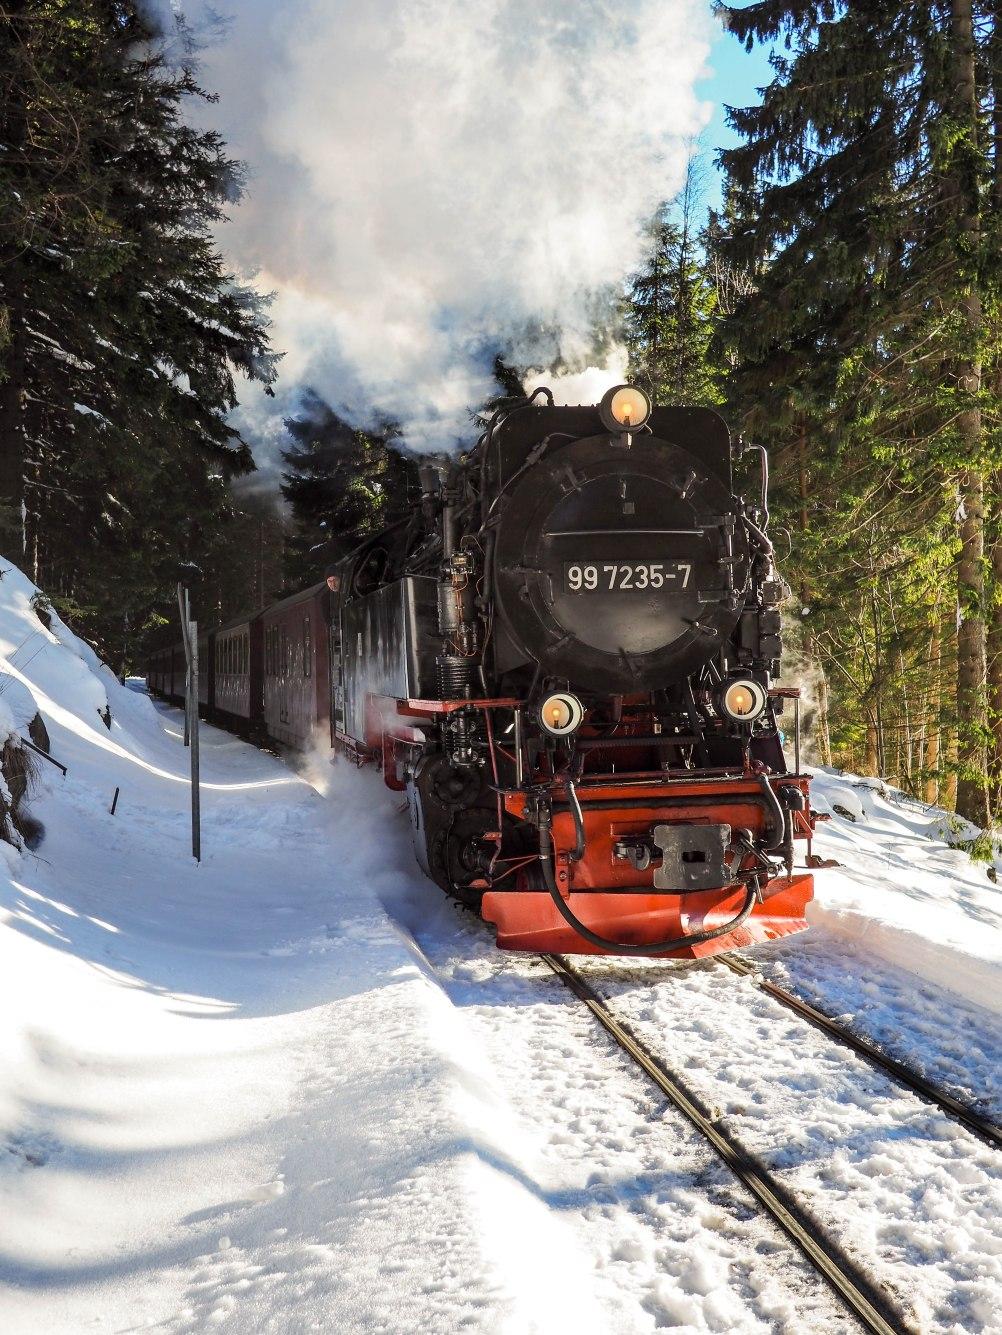 Harzer Schmalspurbahnen, National Park Harz